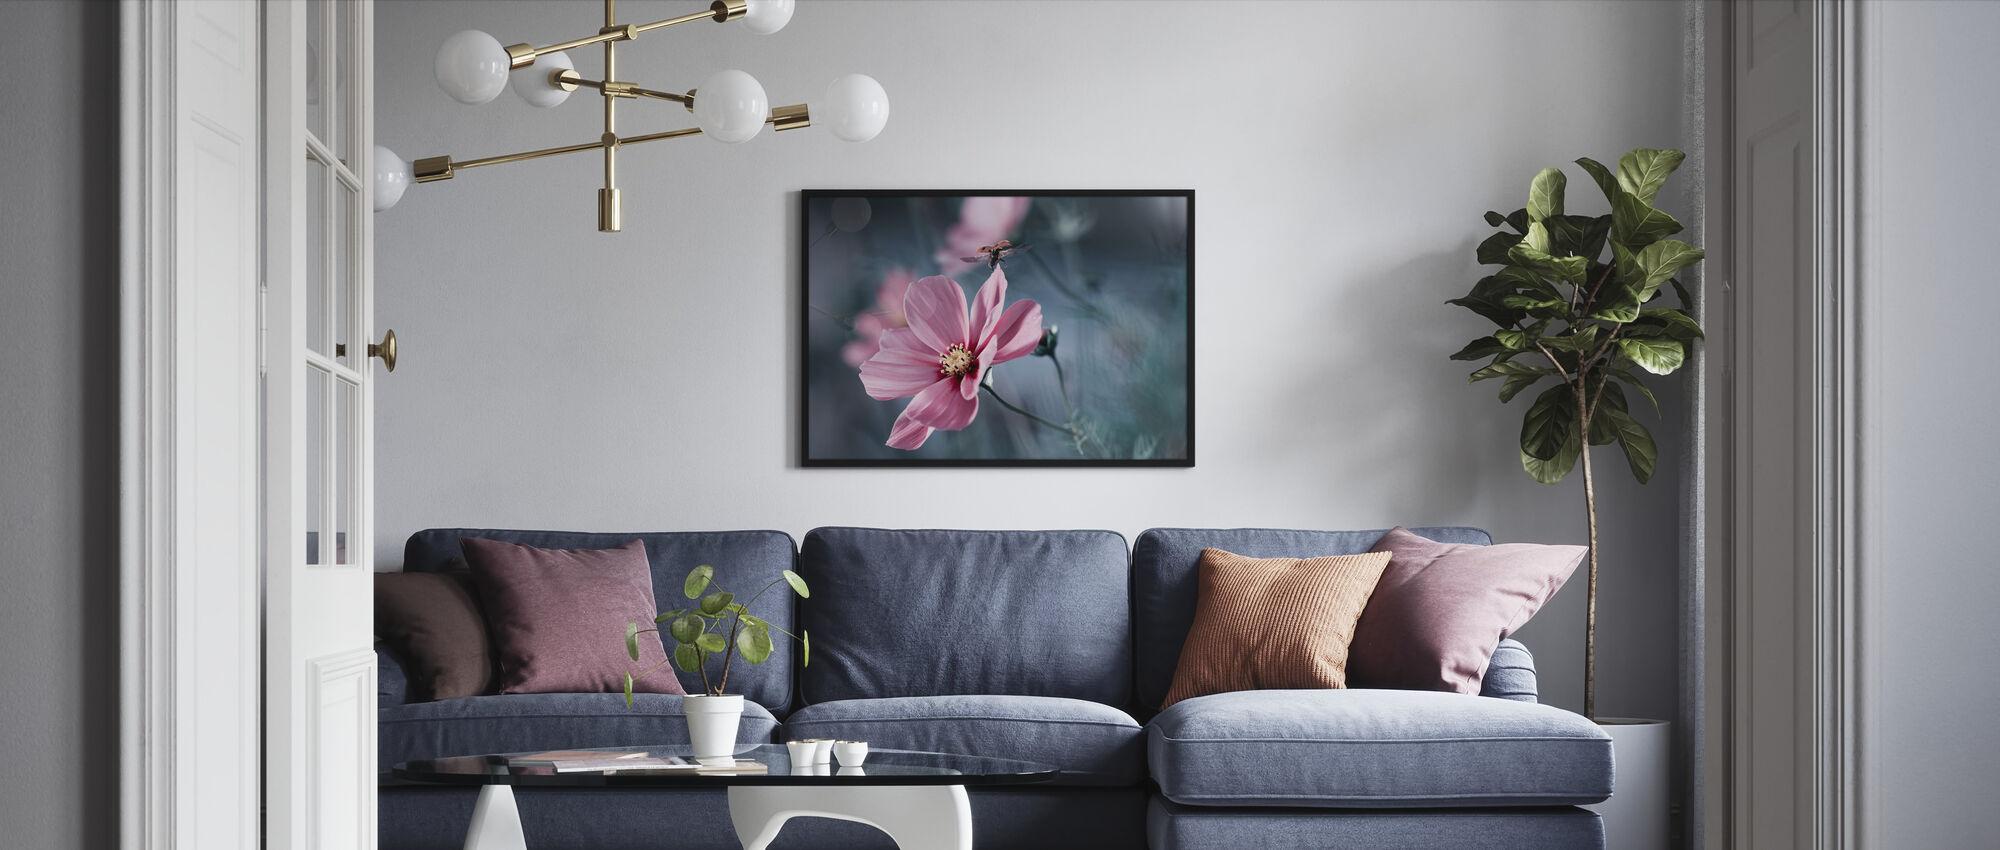 Enchanted Ladybug - Framed print - Living Room